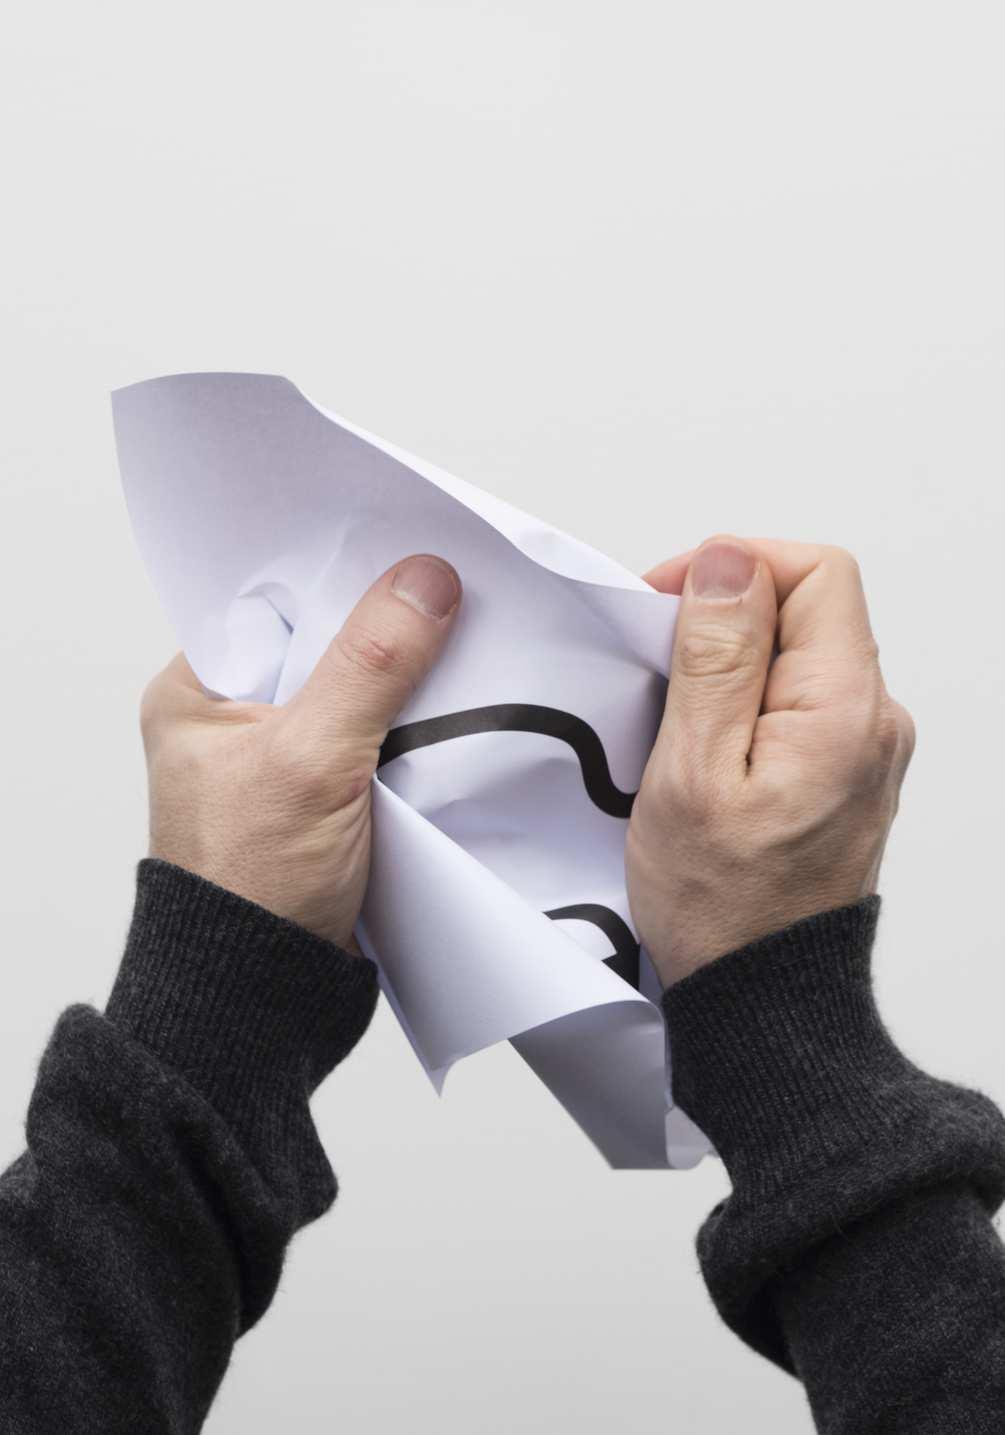 flux-letterhead-5-1005x1435px